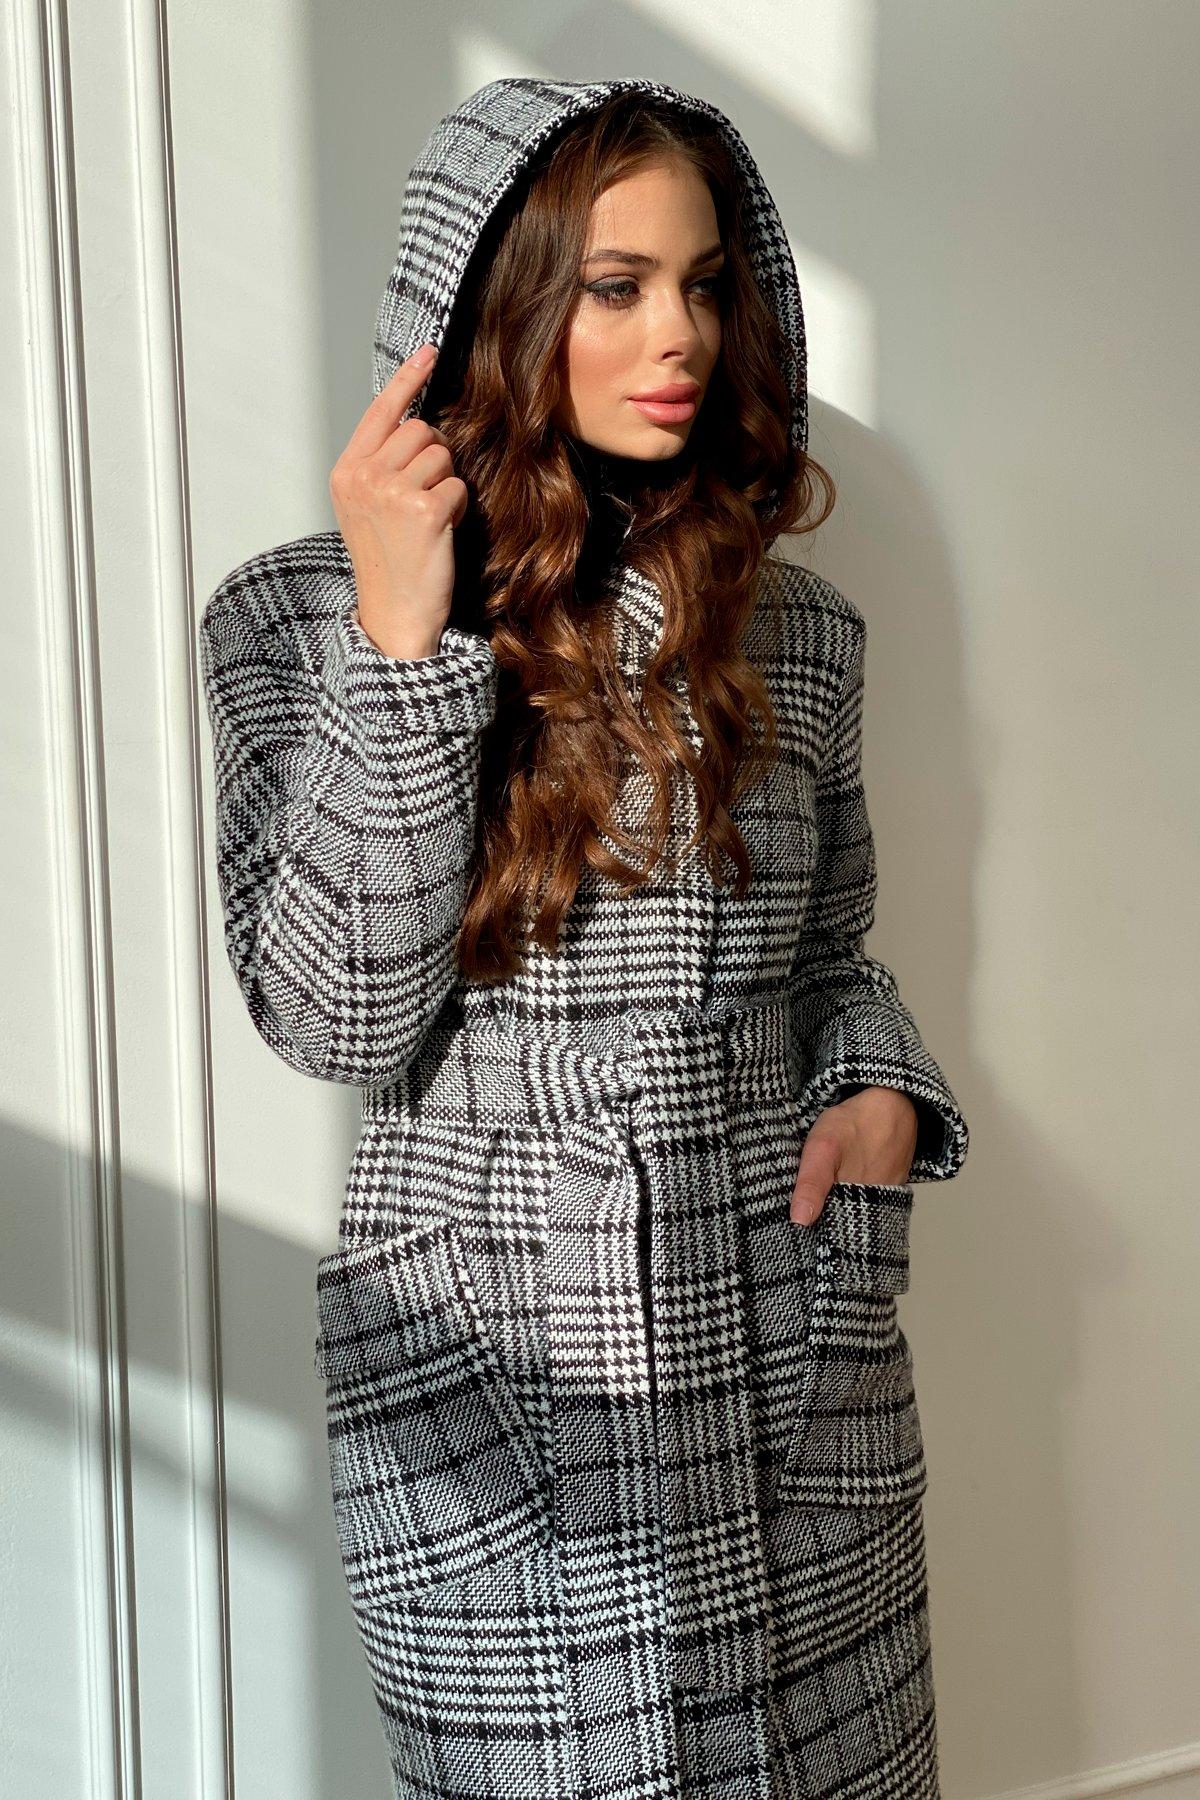 Зимнее пальто в стильную клетку Анджи 8276 АРТ. 44841 Цвет: Клетка чер/бел - фото 4, интернет магазин tm-modus.ru